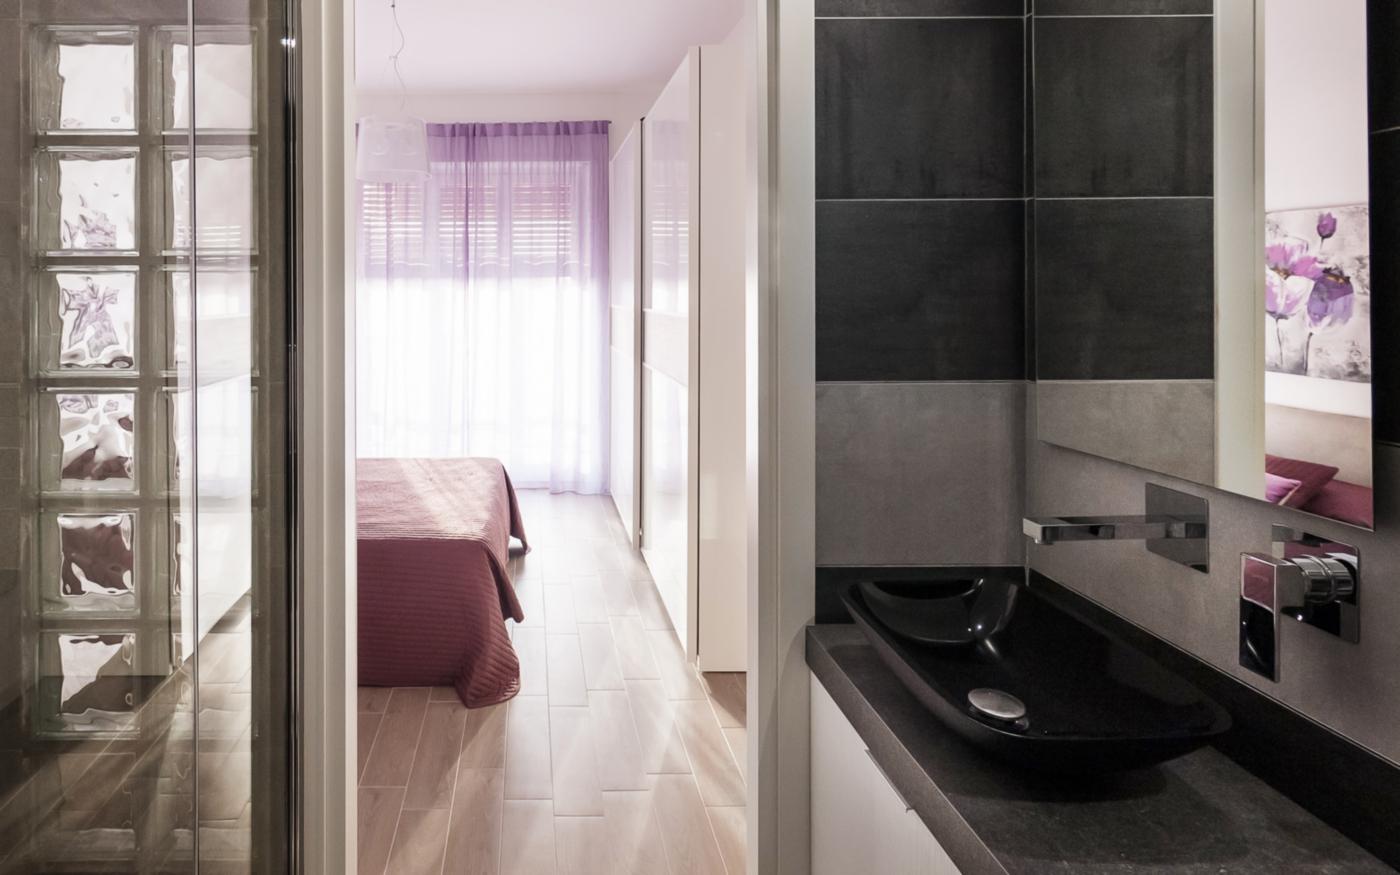 Una ristrutturazione che moltiplica gli spazi in un'appartamento degli anni '70. Dal bagno privato alla camera, in un gioco di seduzione | Bottega di Architettura